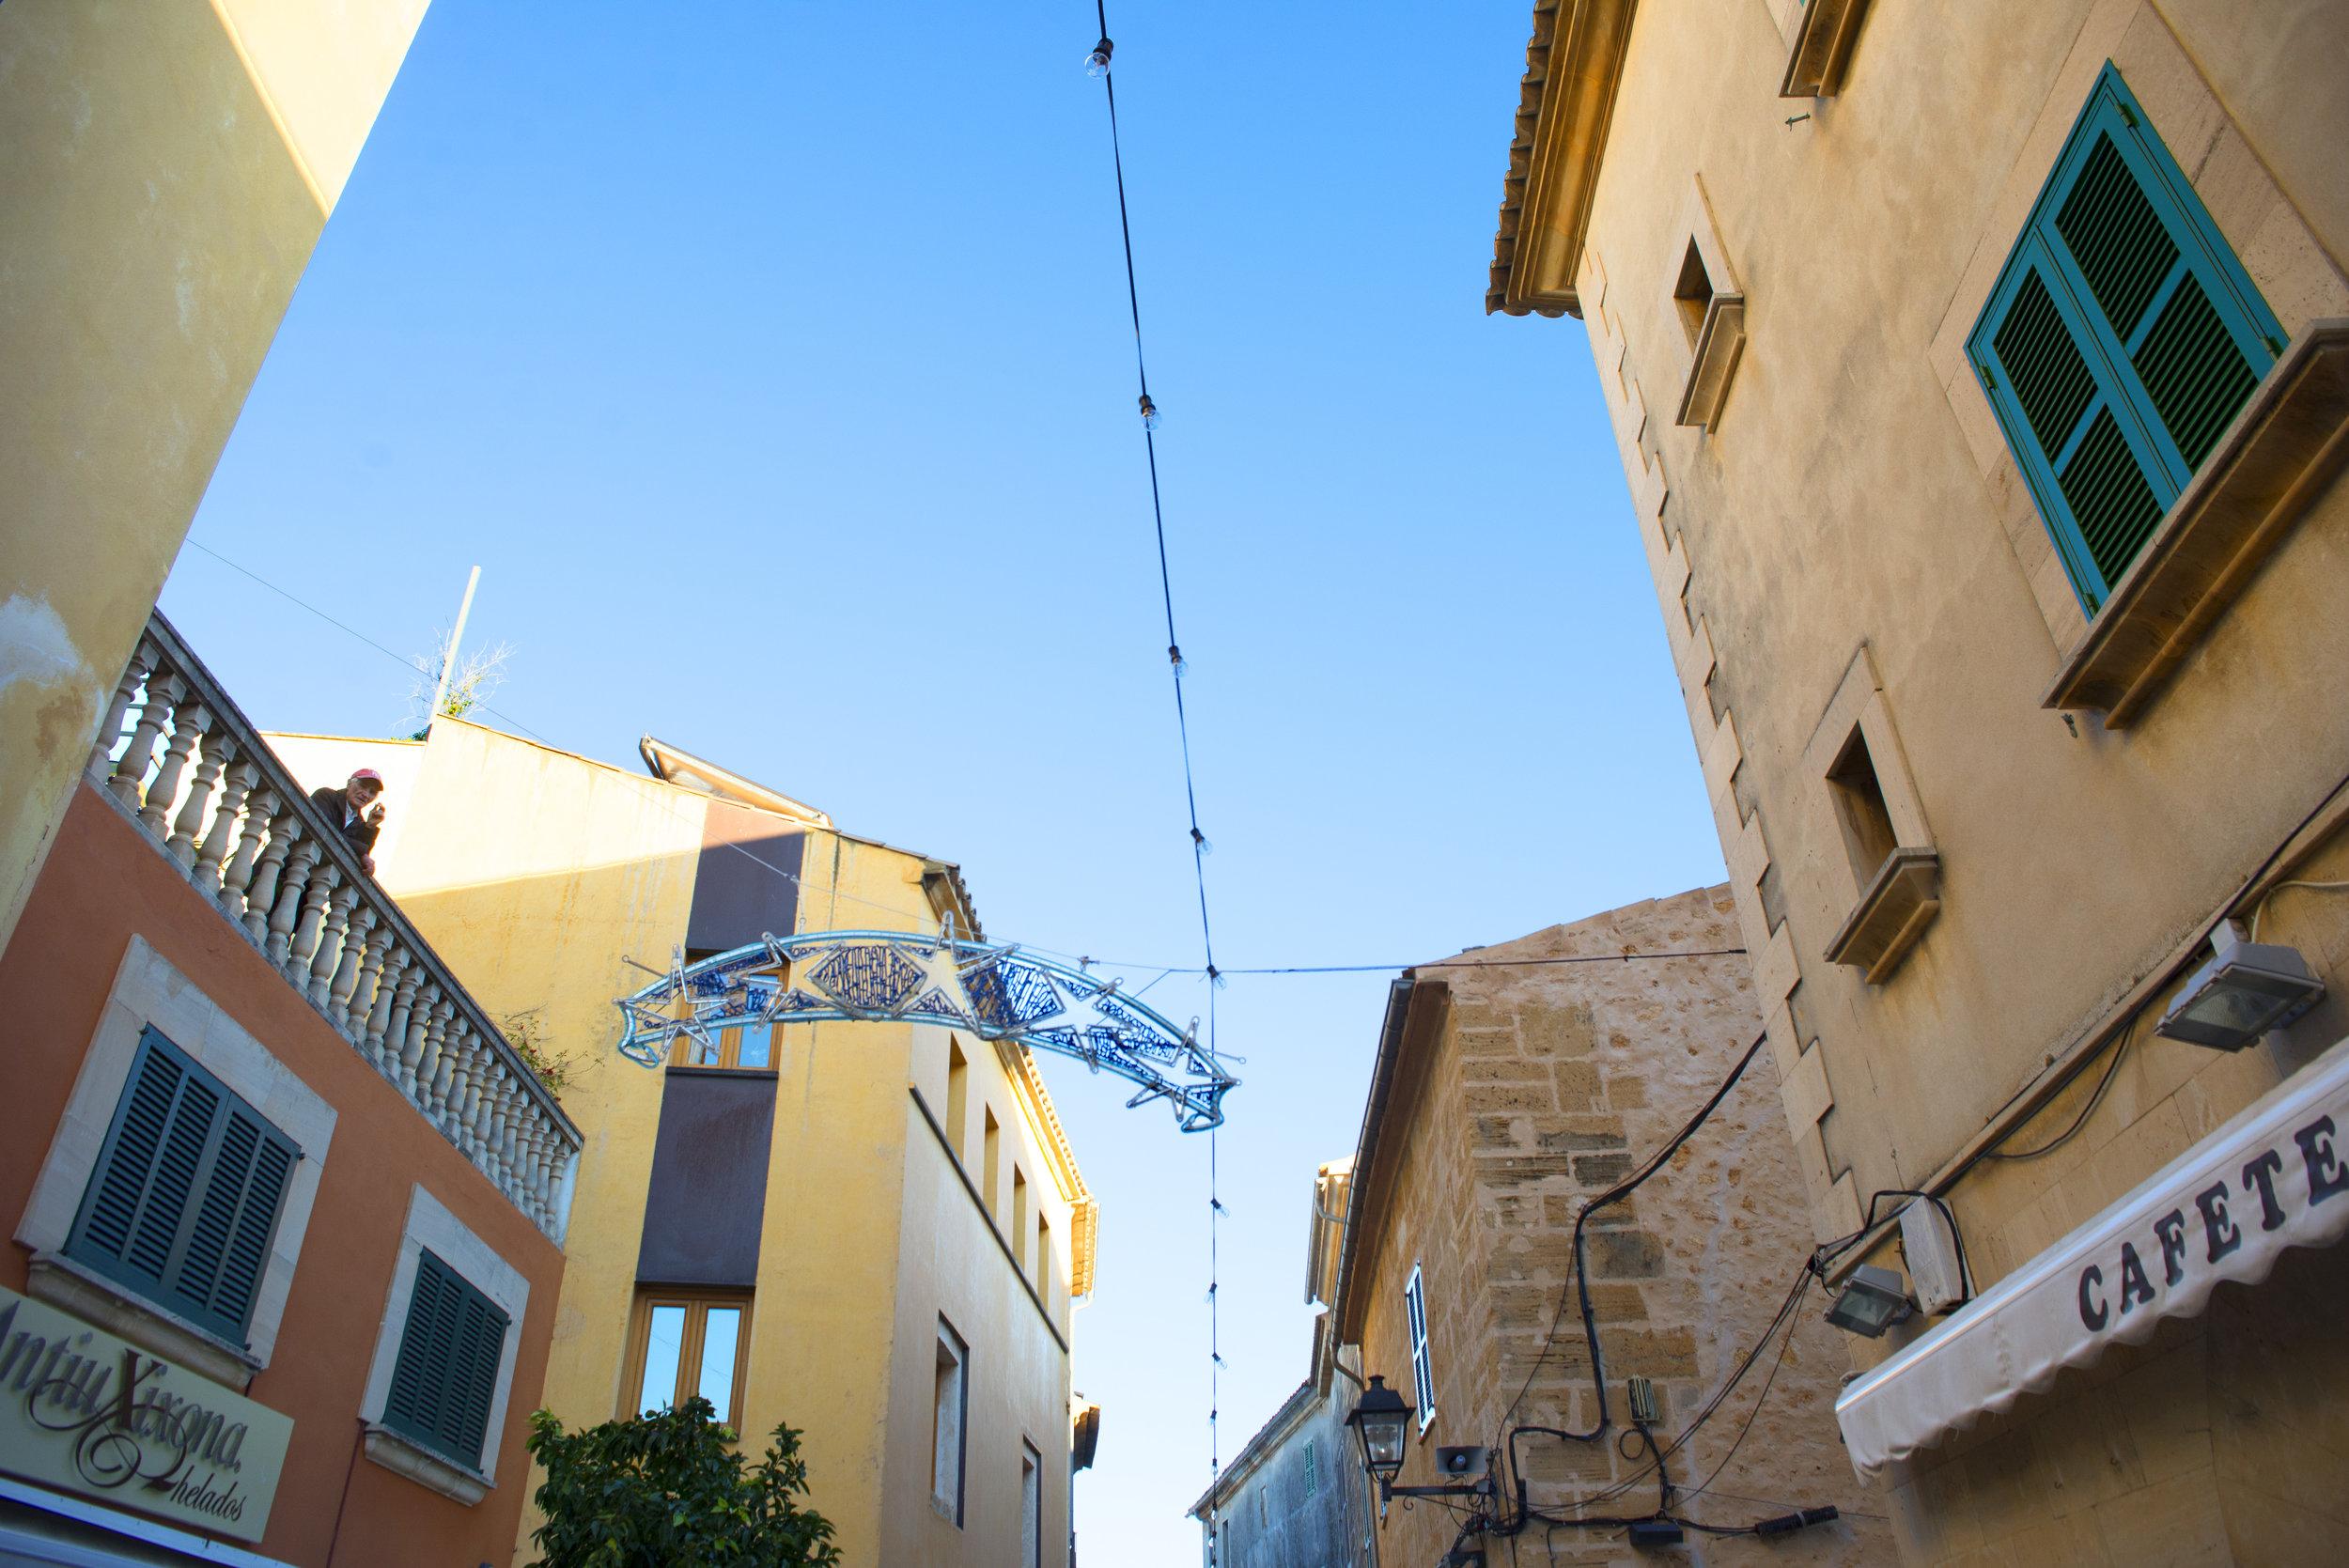 Santanyí, Mallorca Spain.